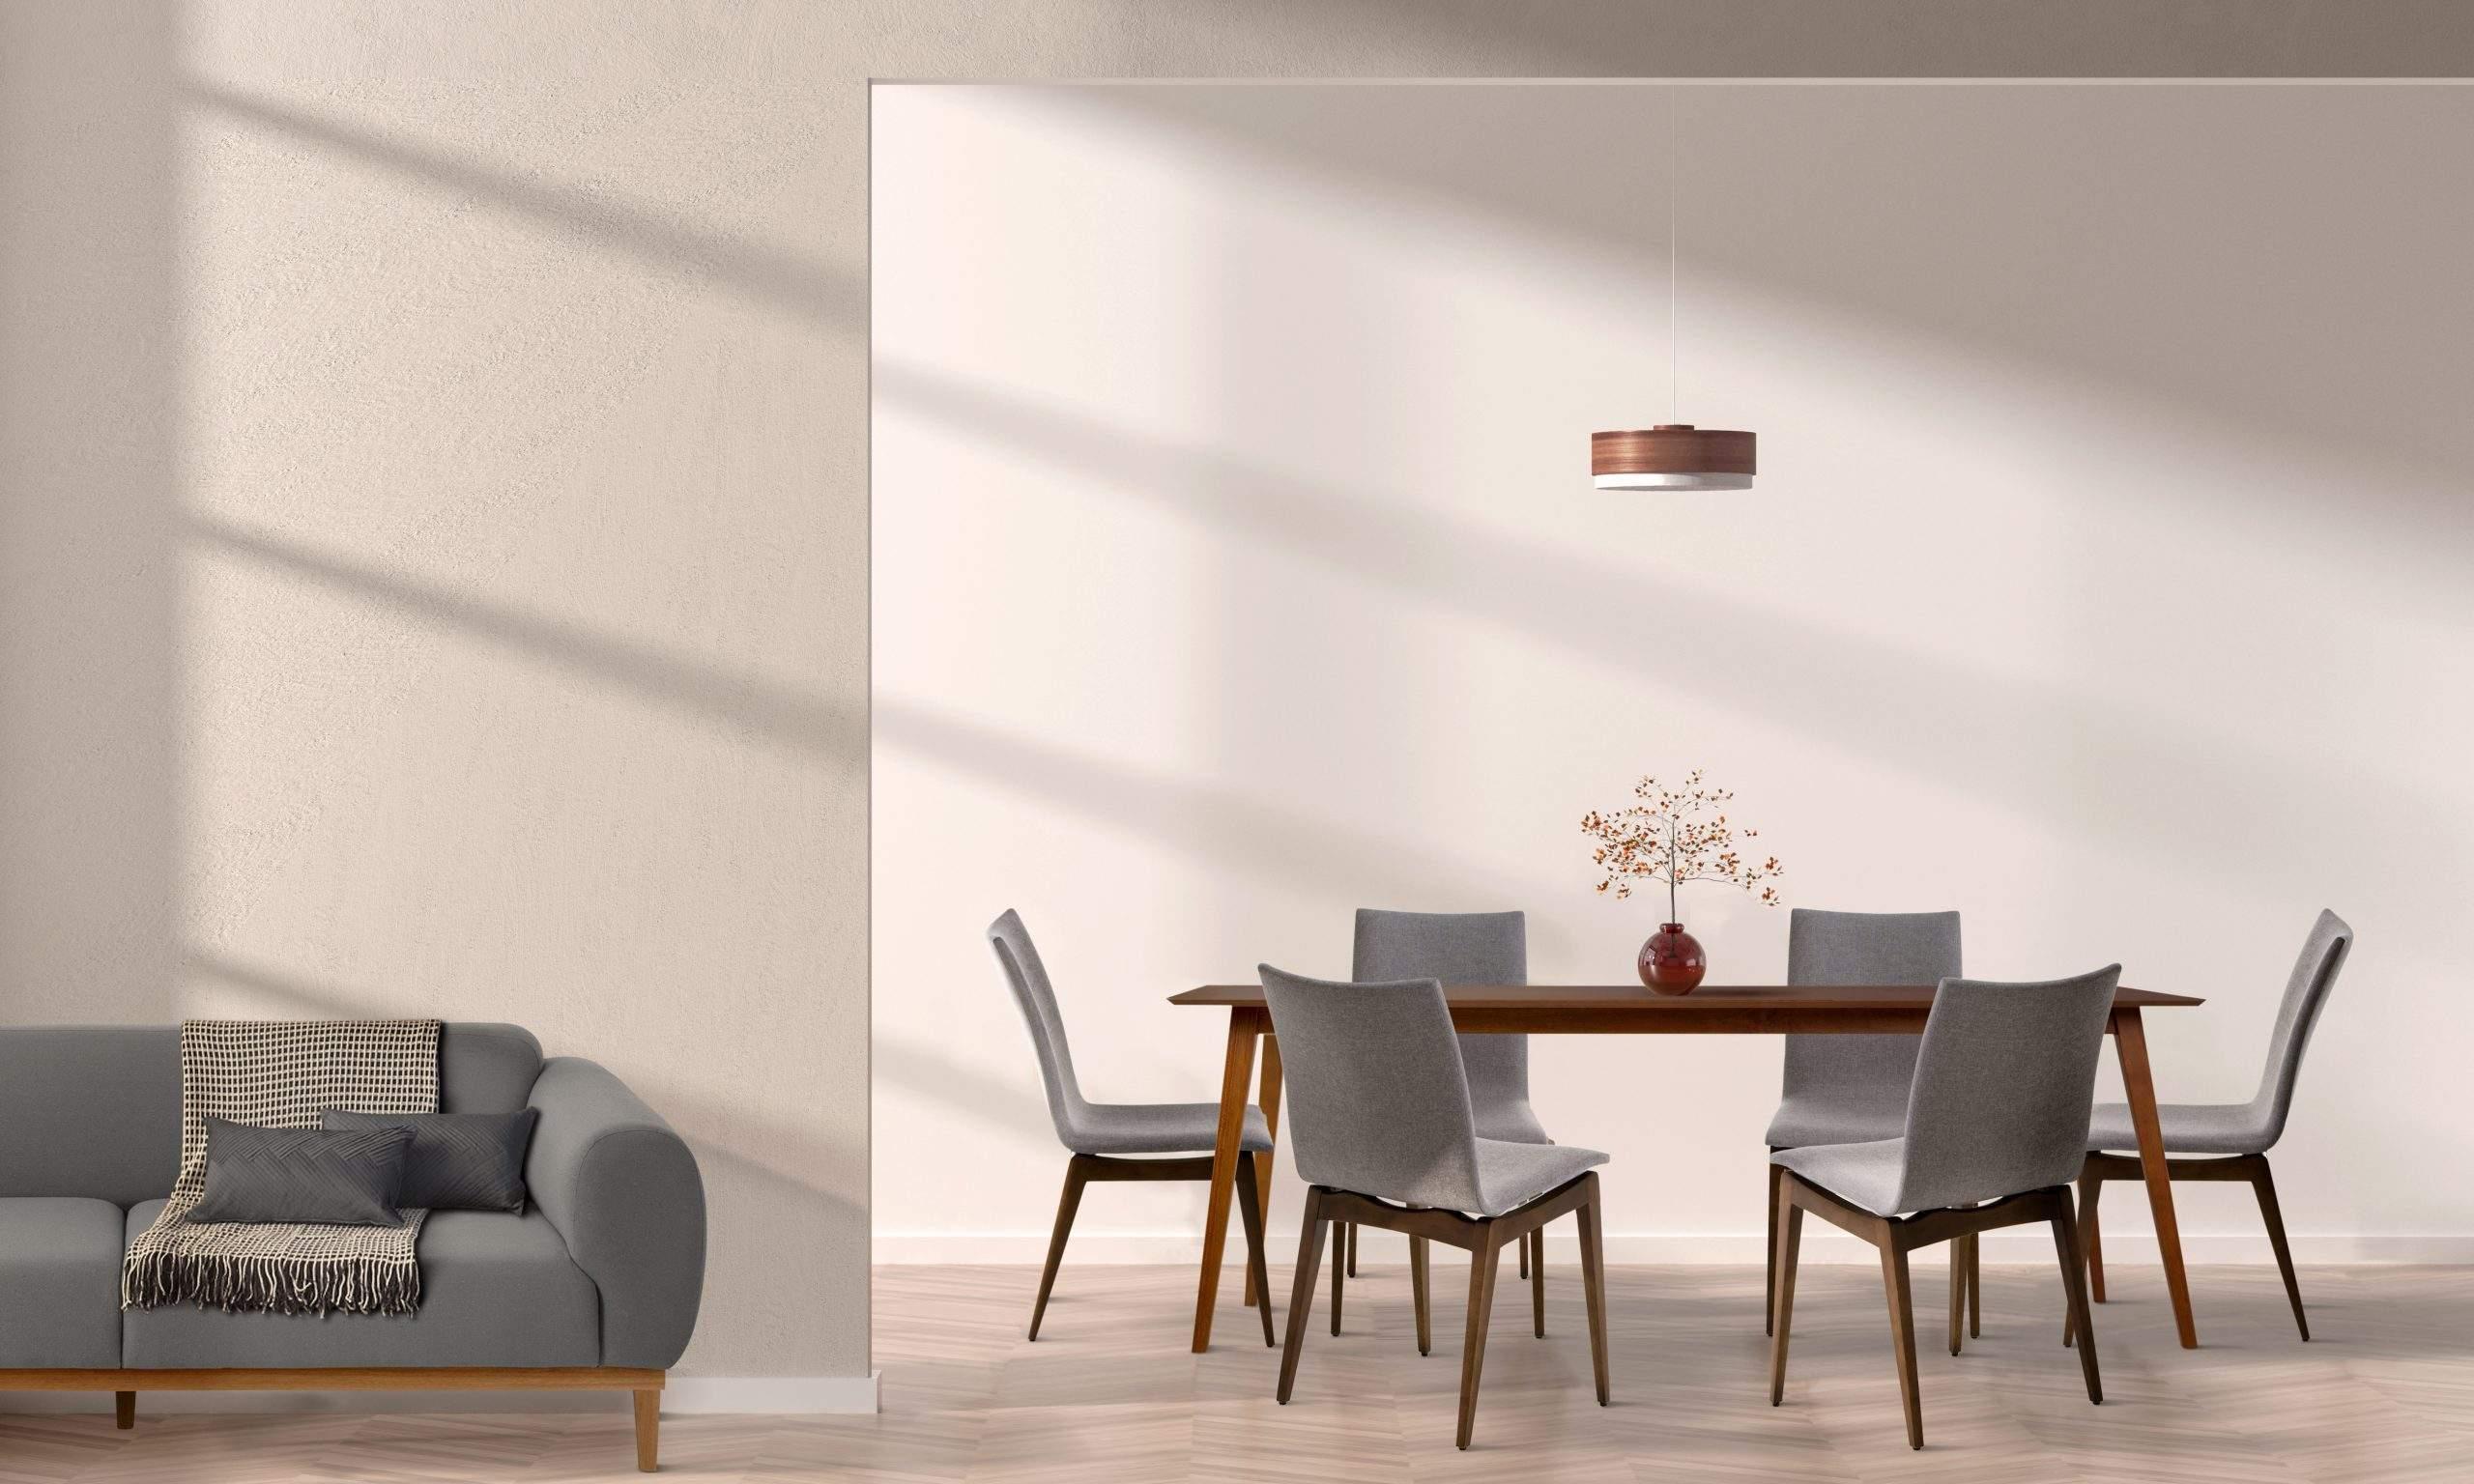 Sala de Jantar estilo contemporêneo.